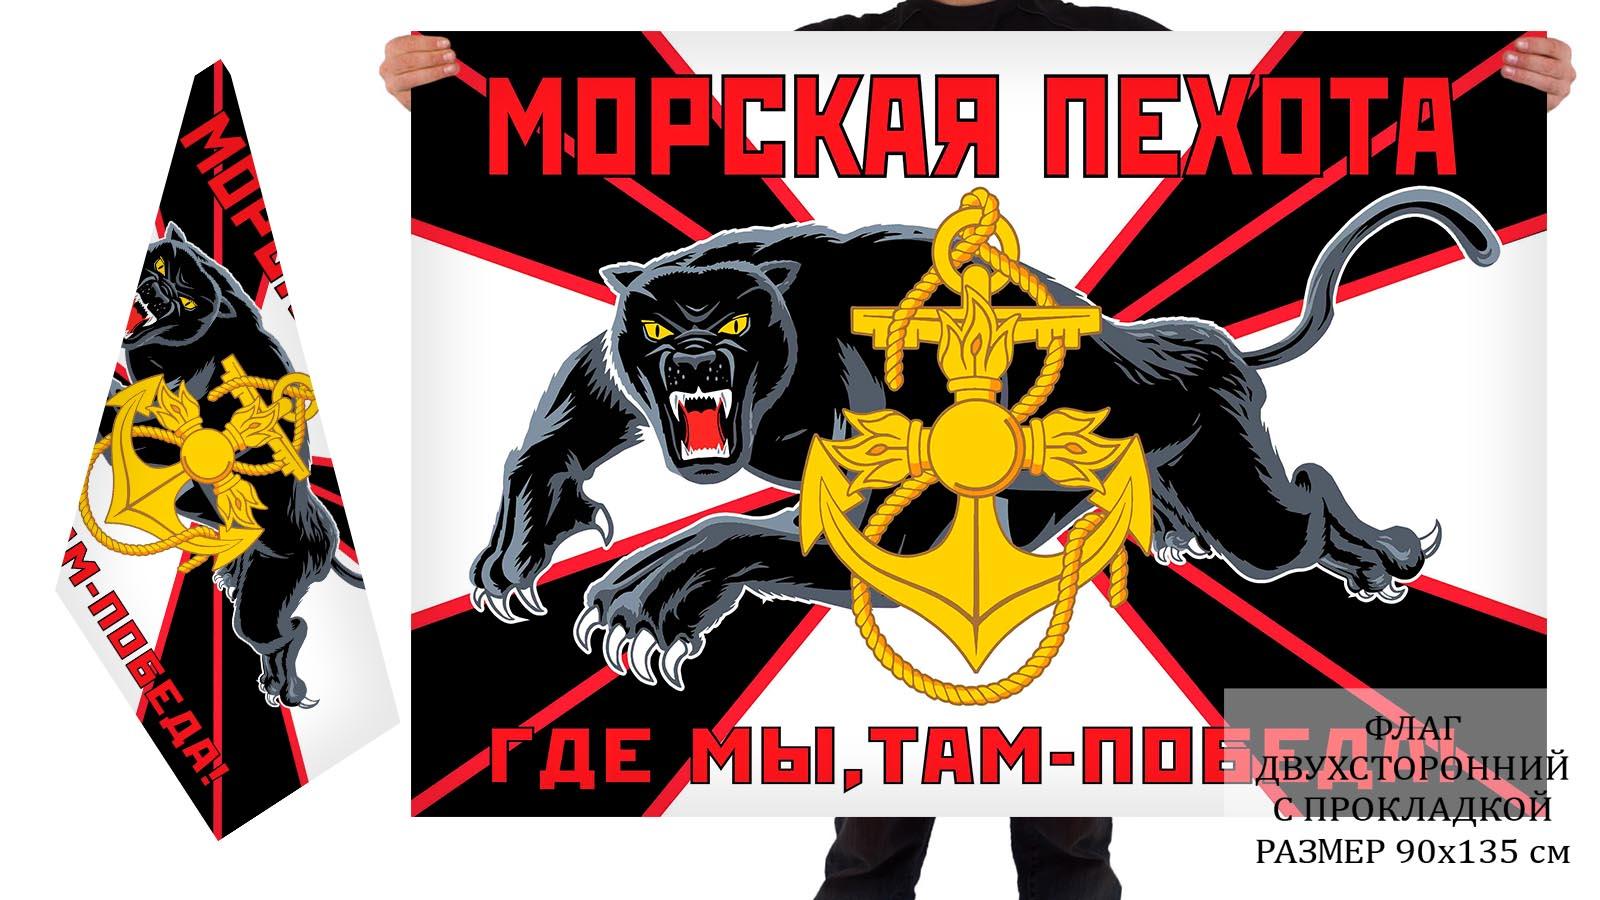 Двусторонний новый флаг Морской пехоты с пантерой